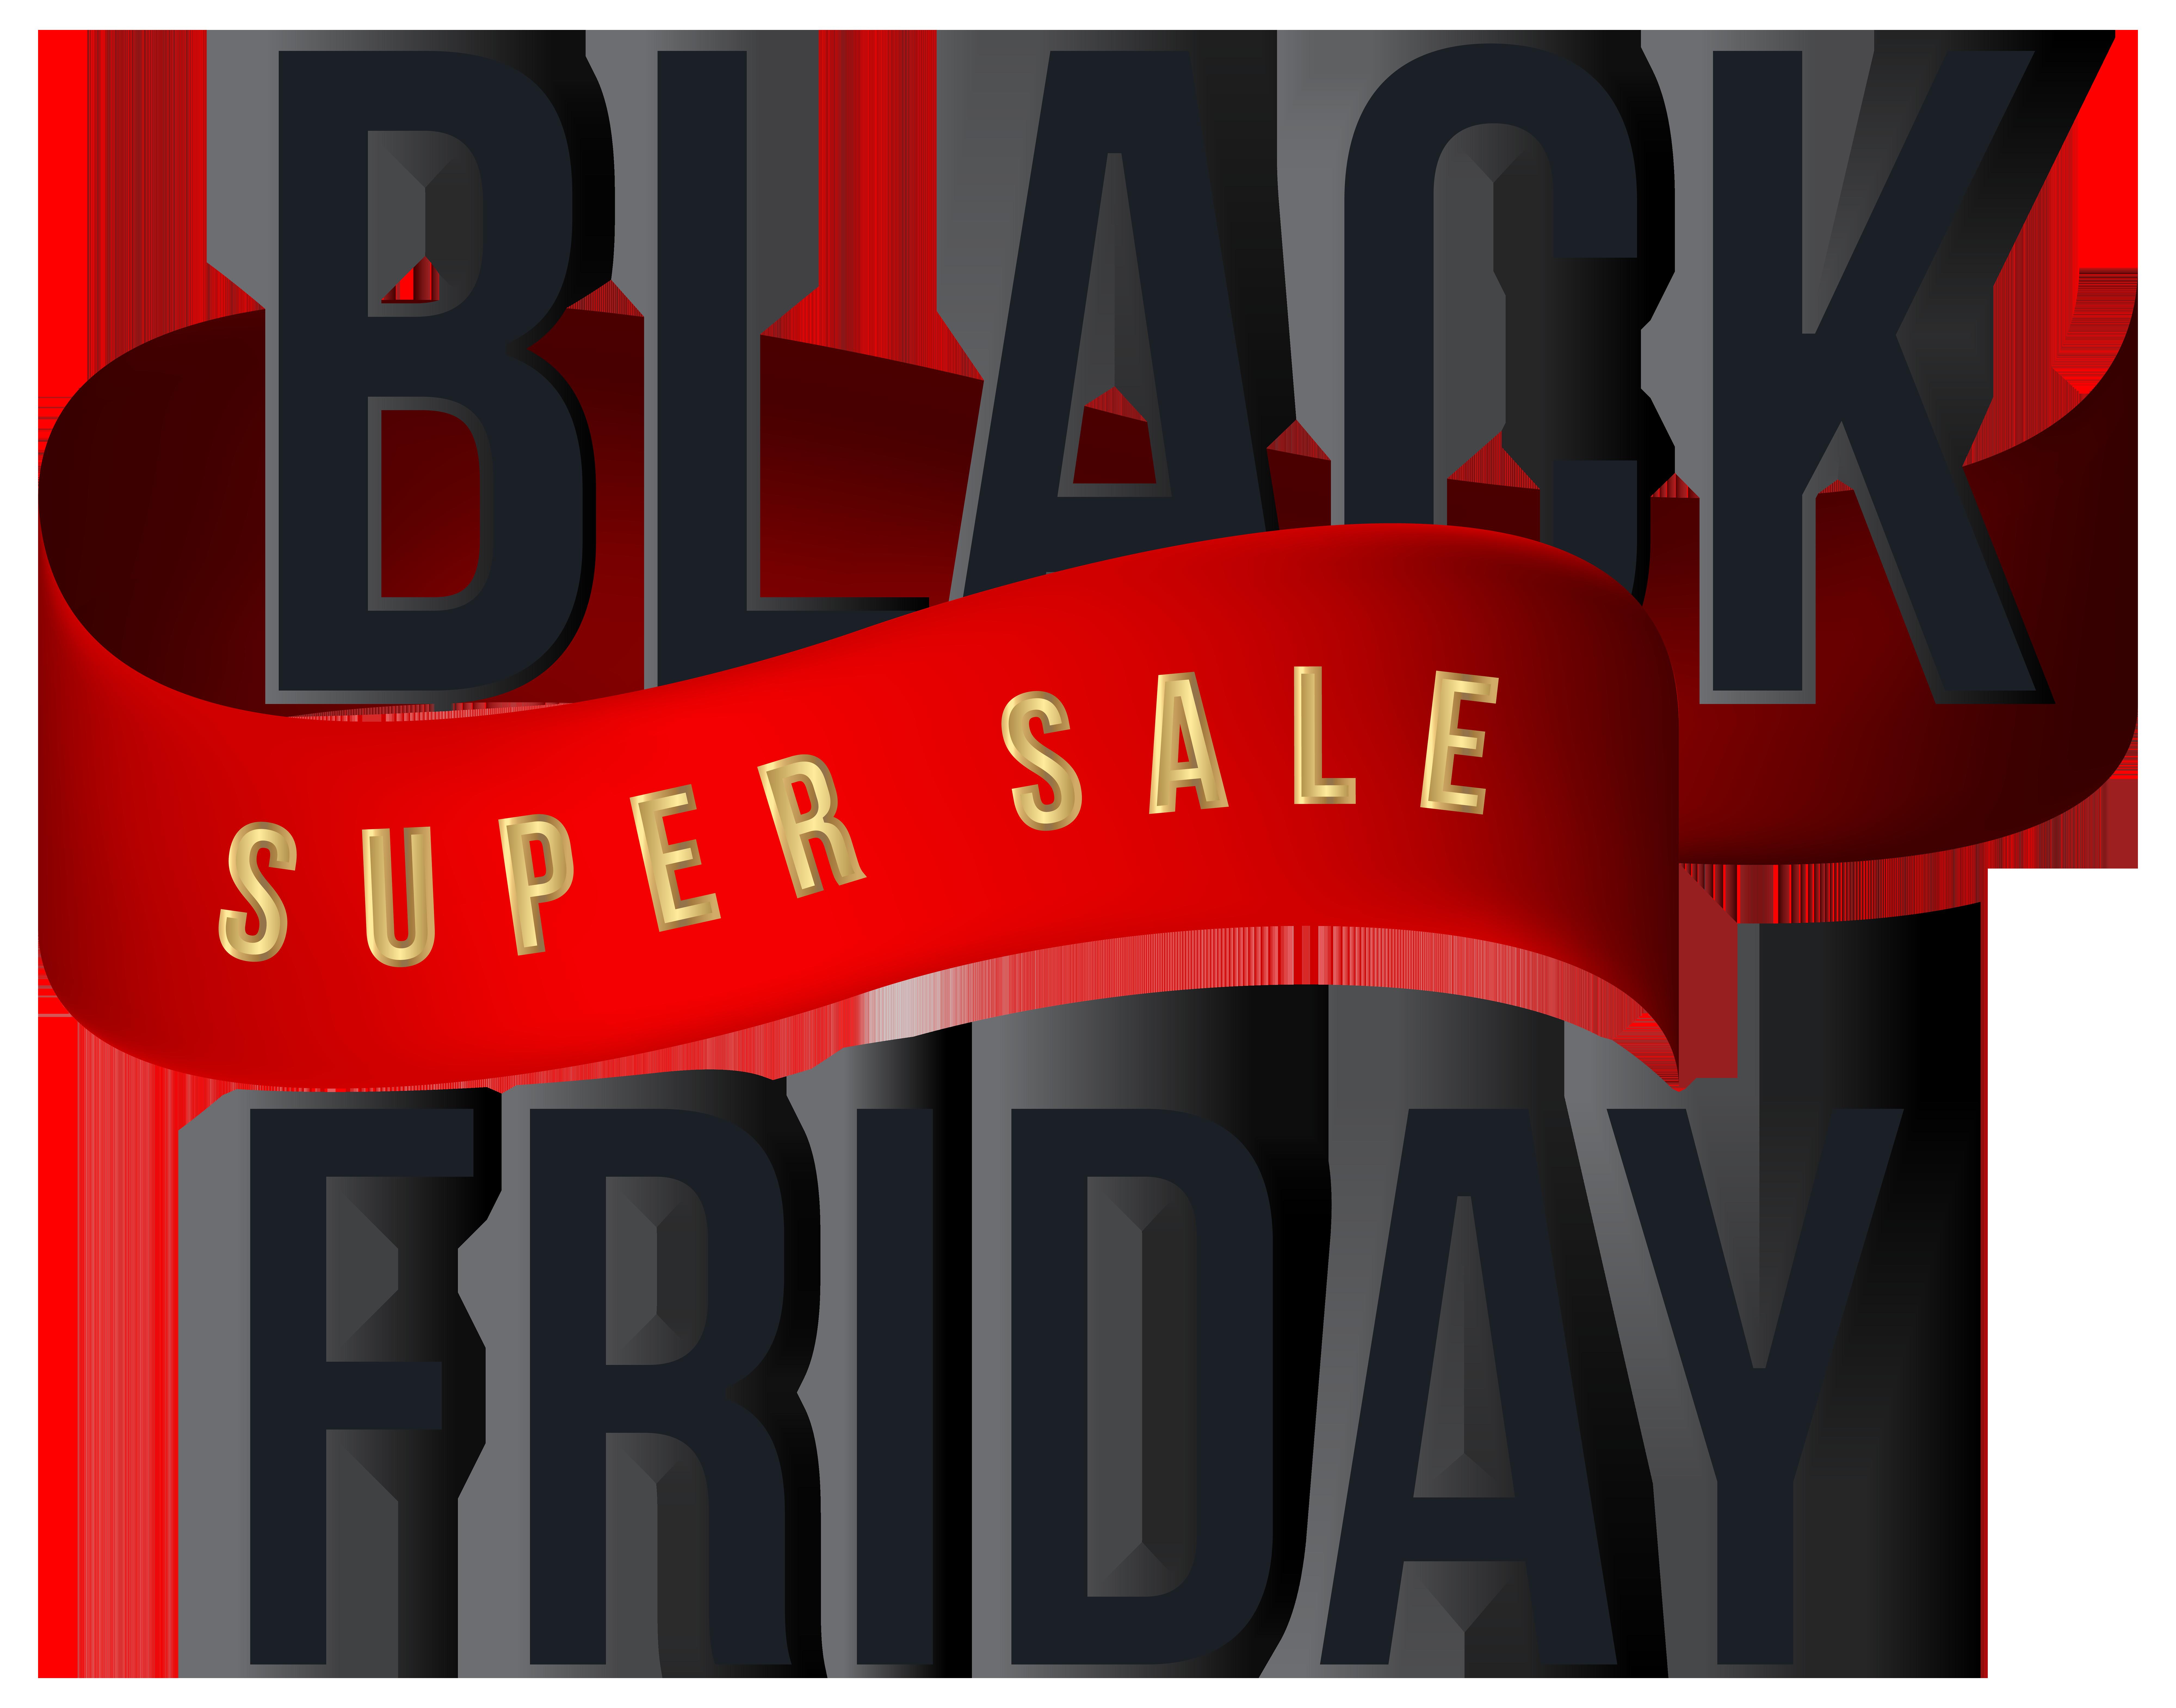 Black Friday Super Sale Transparent PNG Clip Art Image.